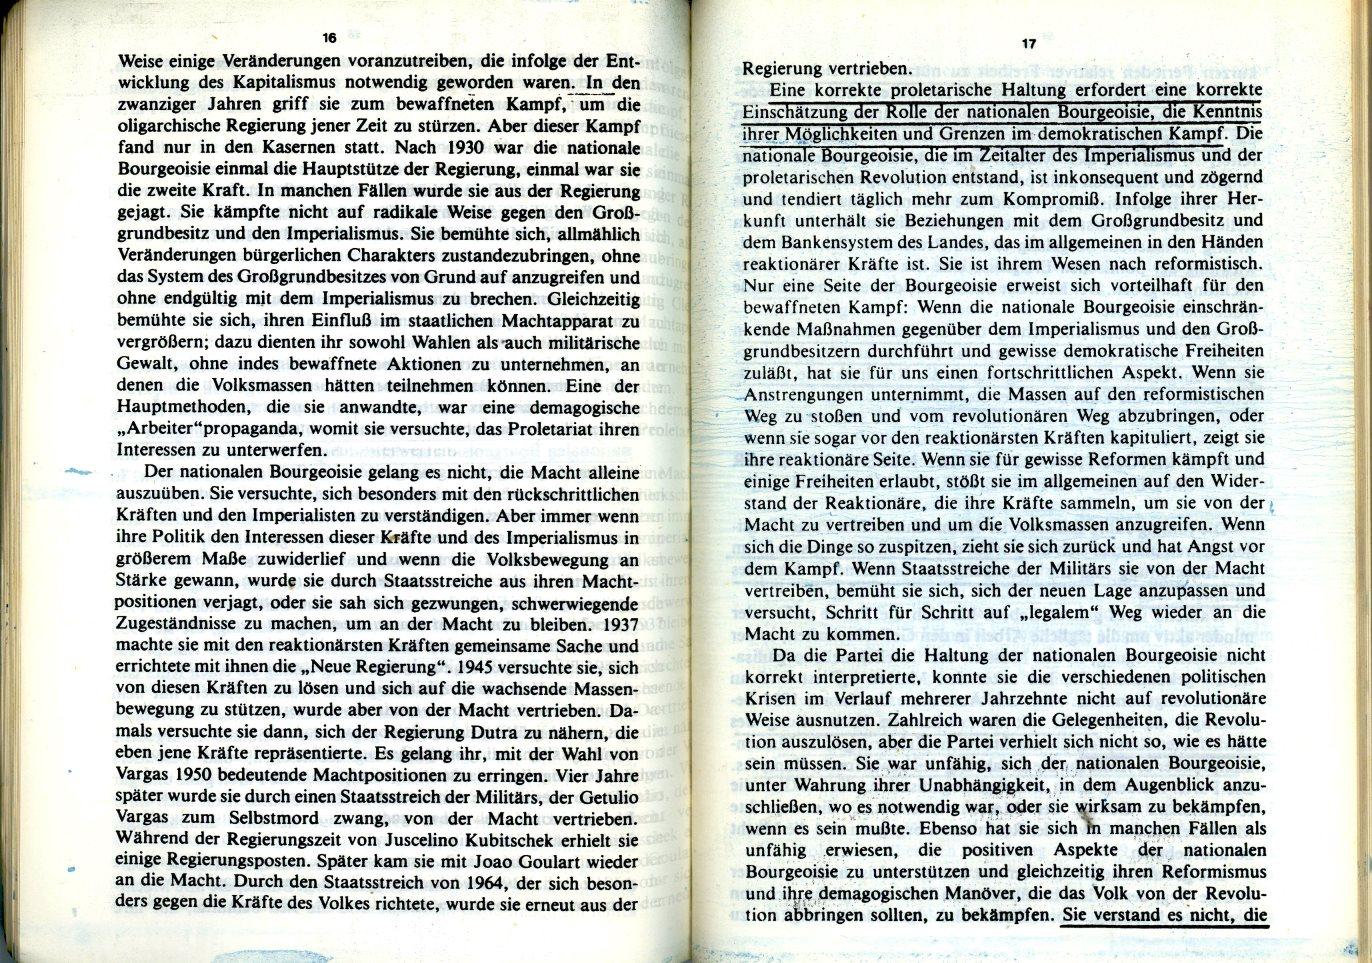 MLSK_Theorie_und_Praxis_des_ML_1978_20_17